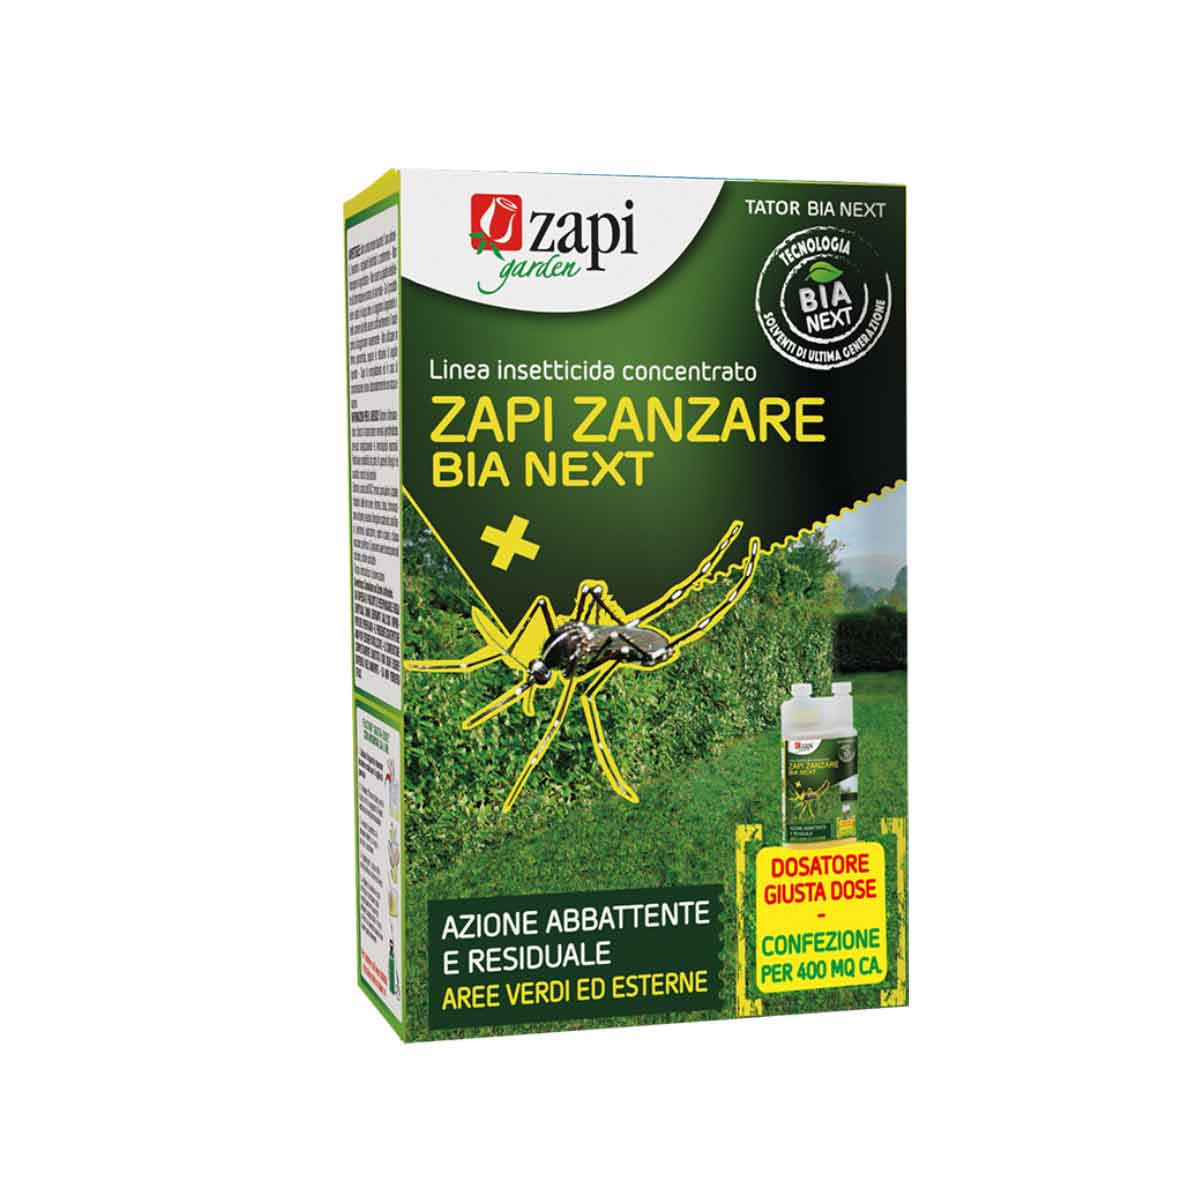 Zapi Zanzare B.I.A. Next insetticida concentrato 250ml